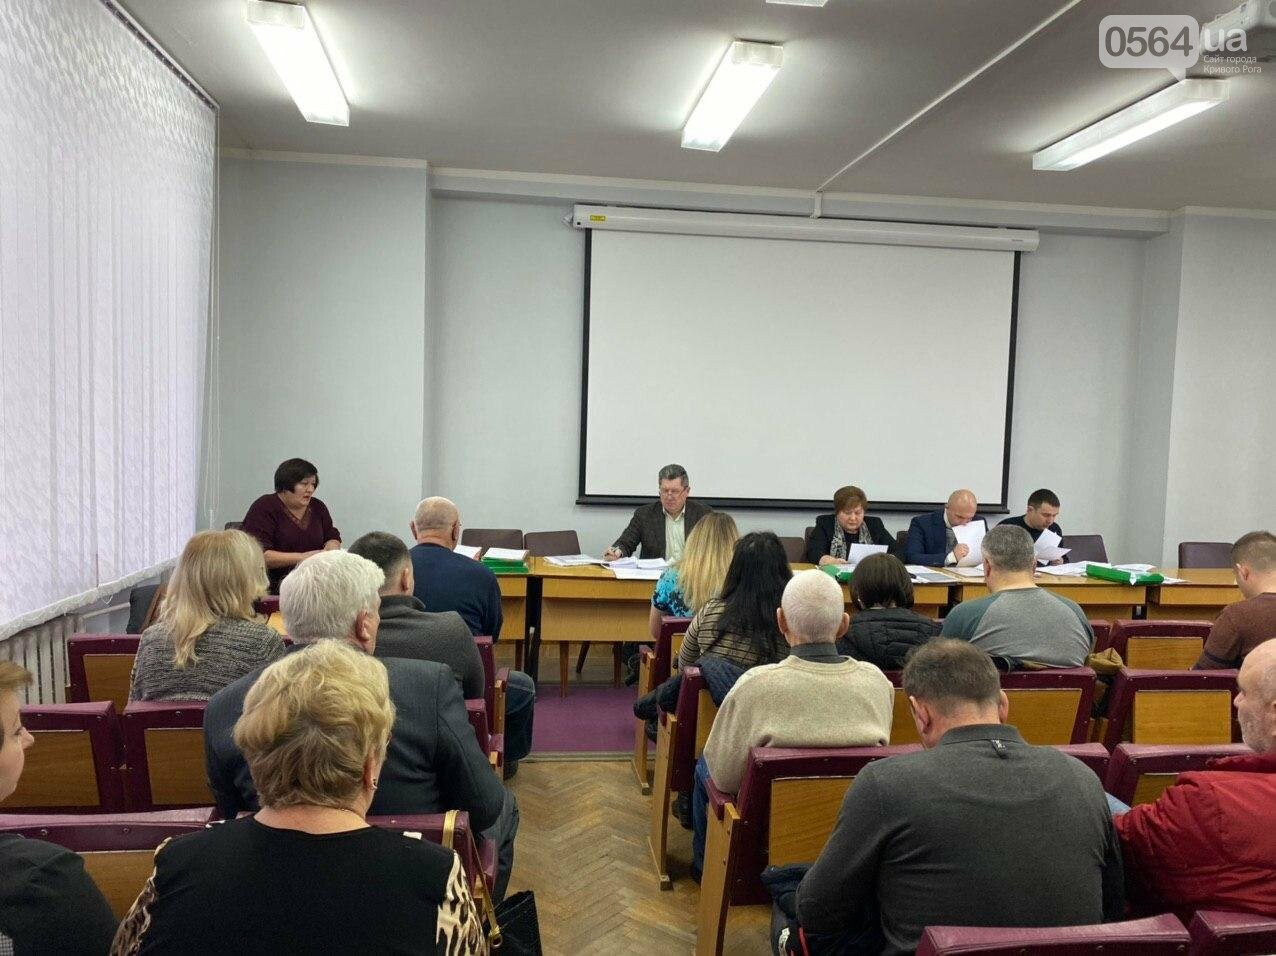 Криворожские депутаты собрались на заседания постоянных комиссий, - ФОТО, ВИДЕО, фото-17